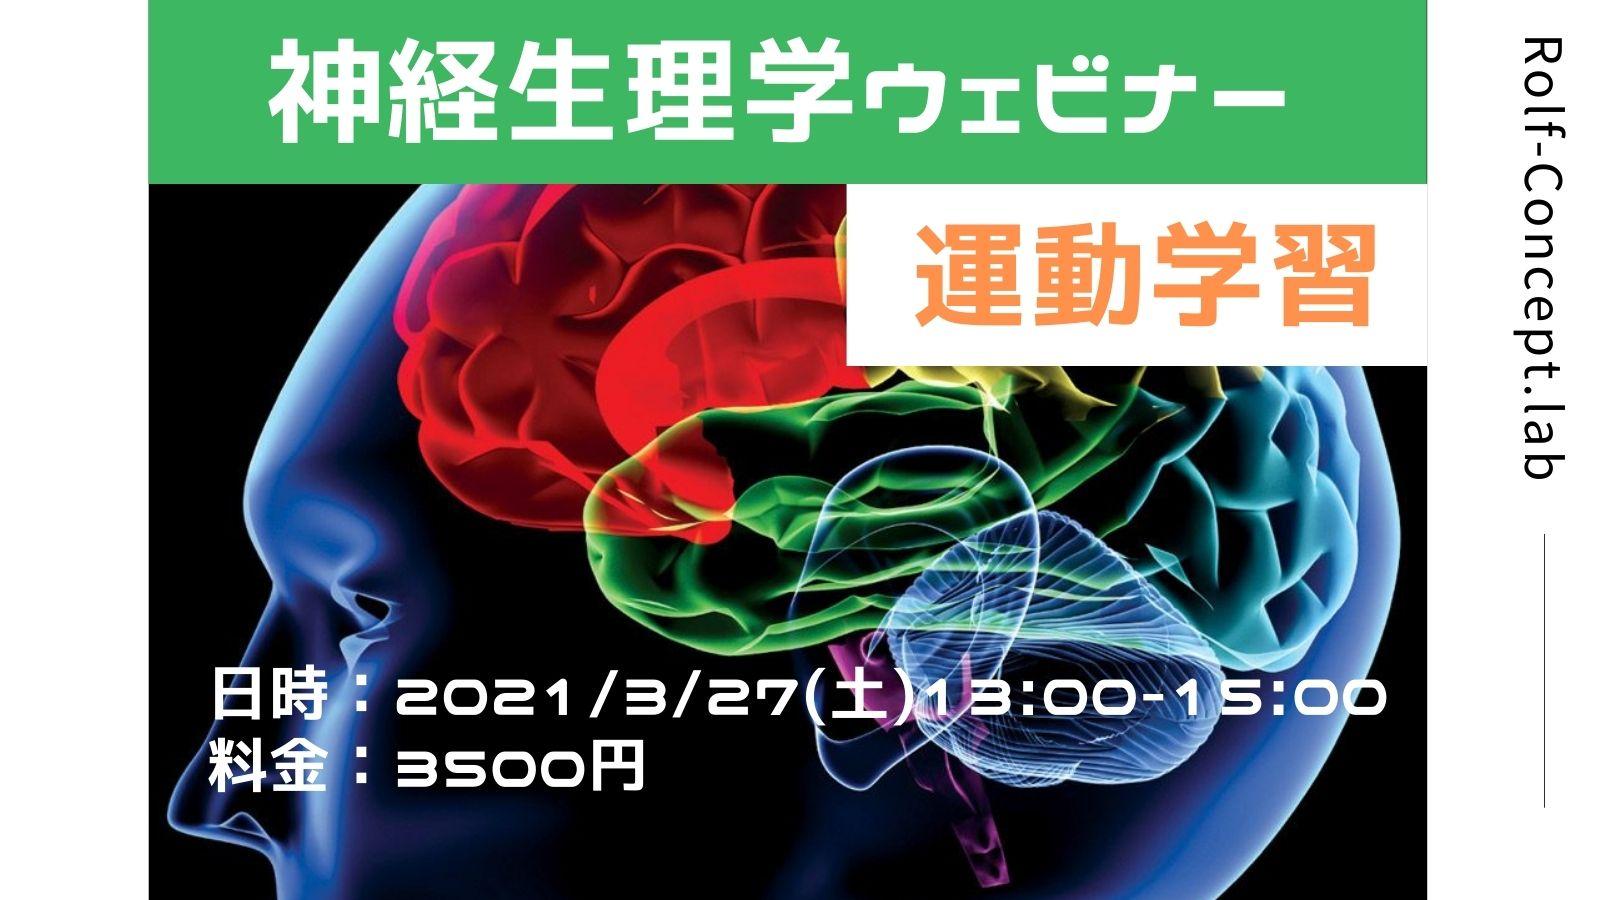 2021/3/27(日) 神経生理学ウェビナー 運動学習